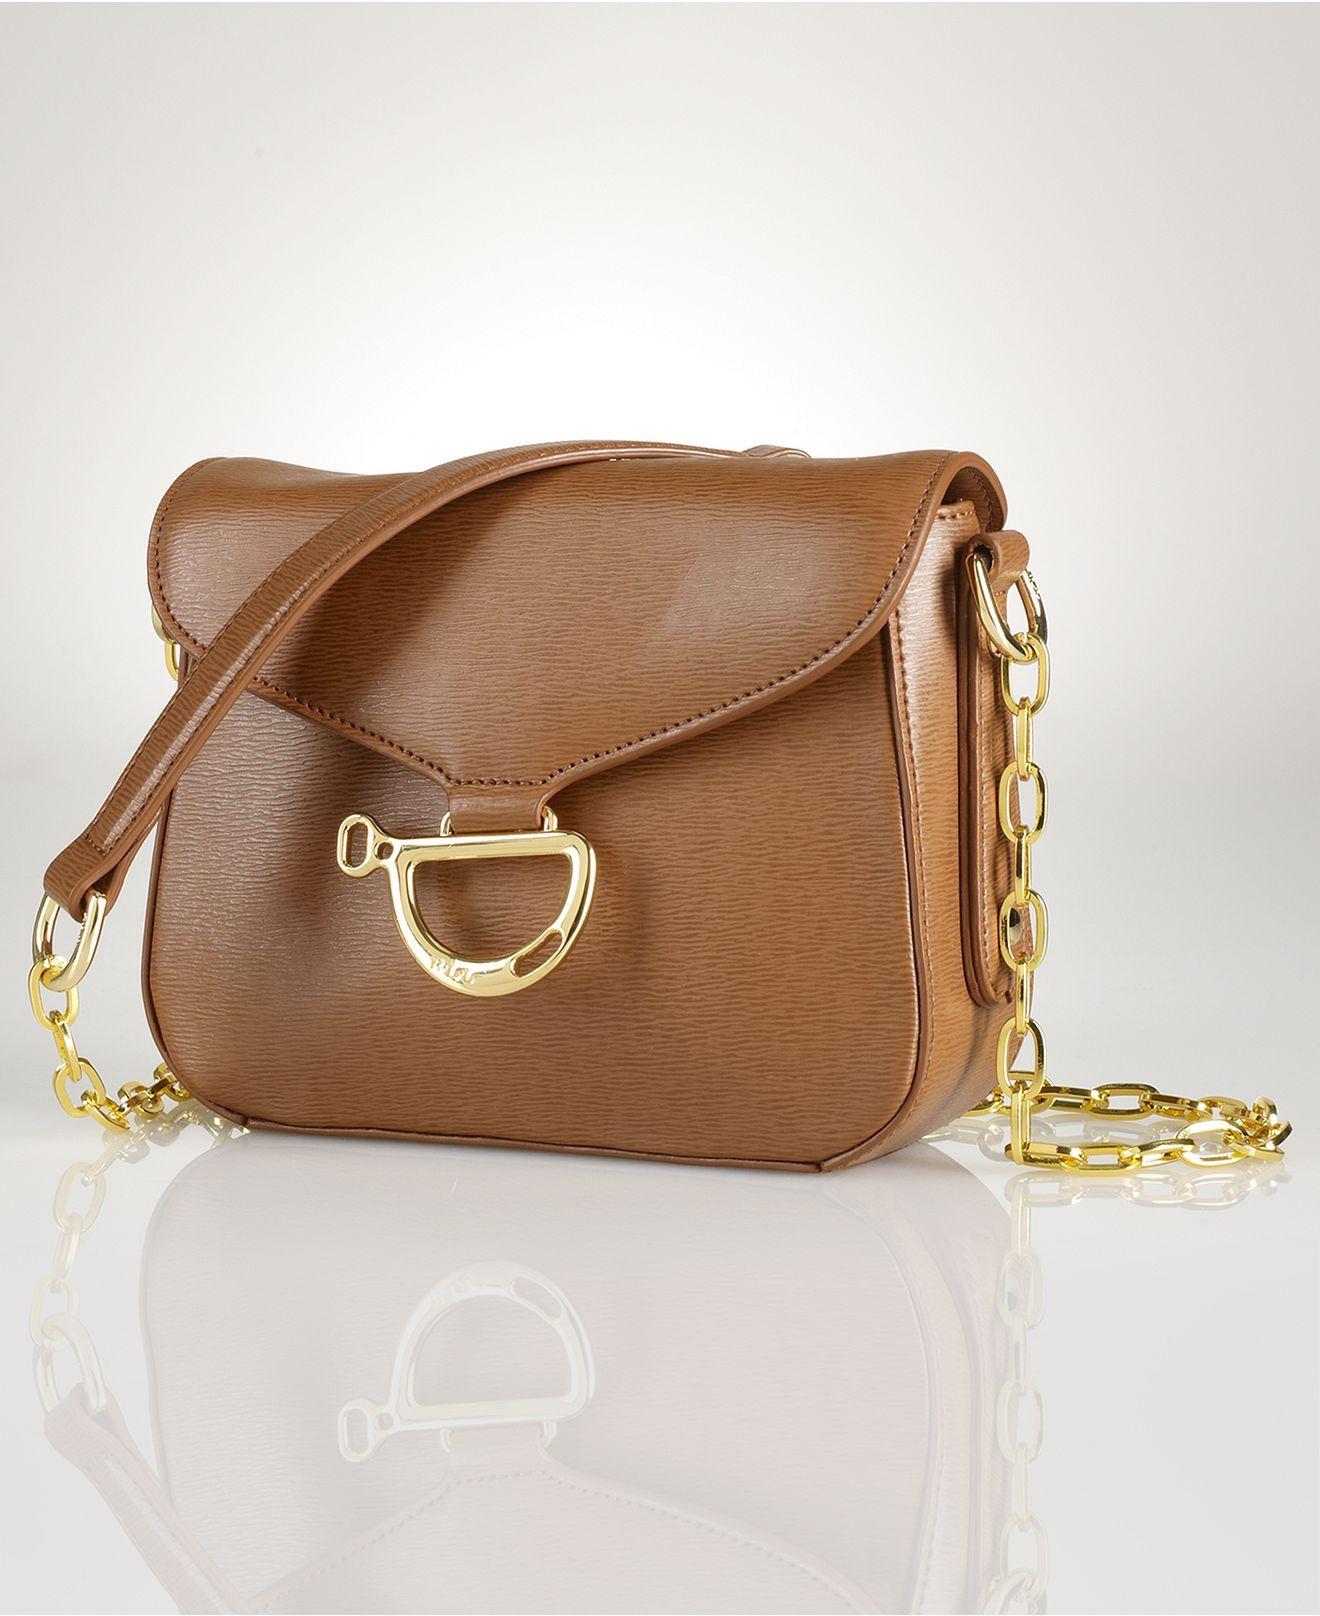 052f619002 Lauren Ralph Lauren Handbag